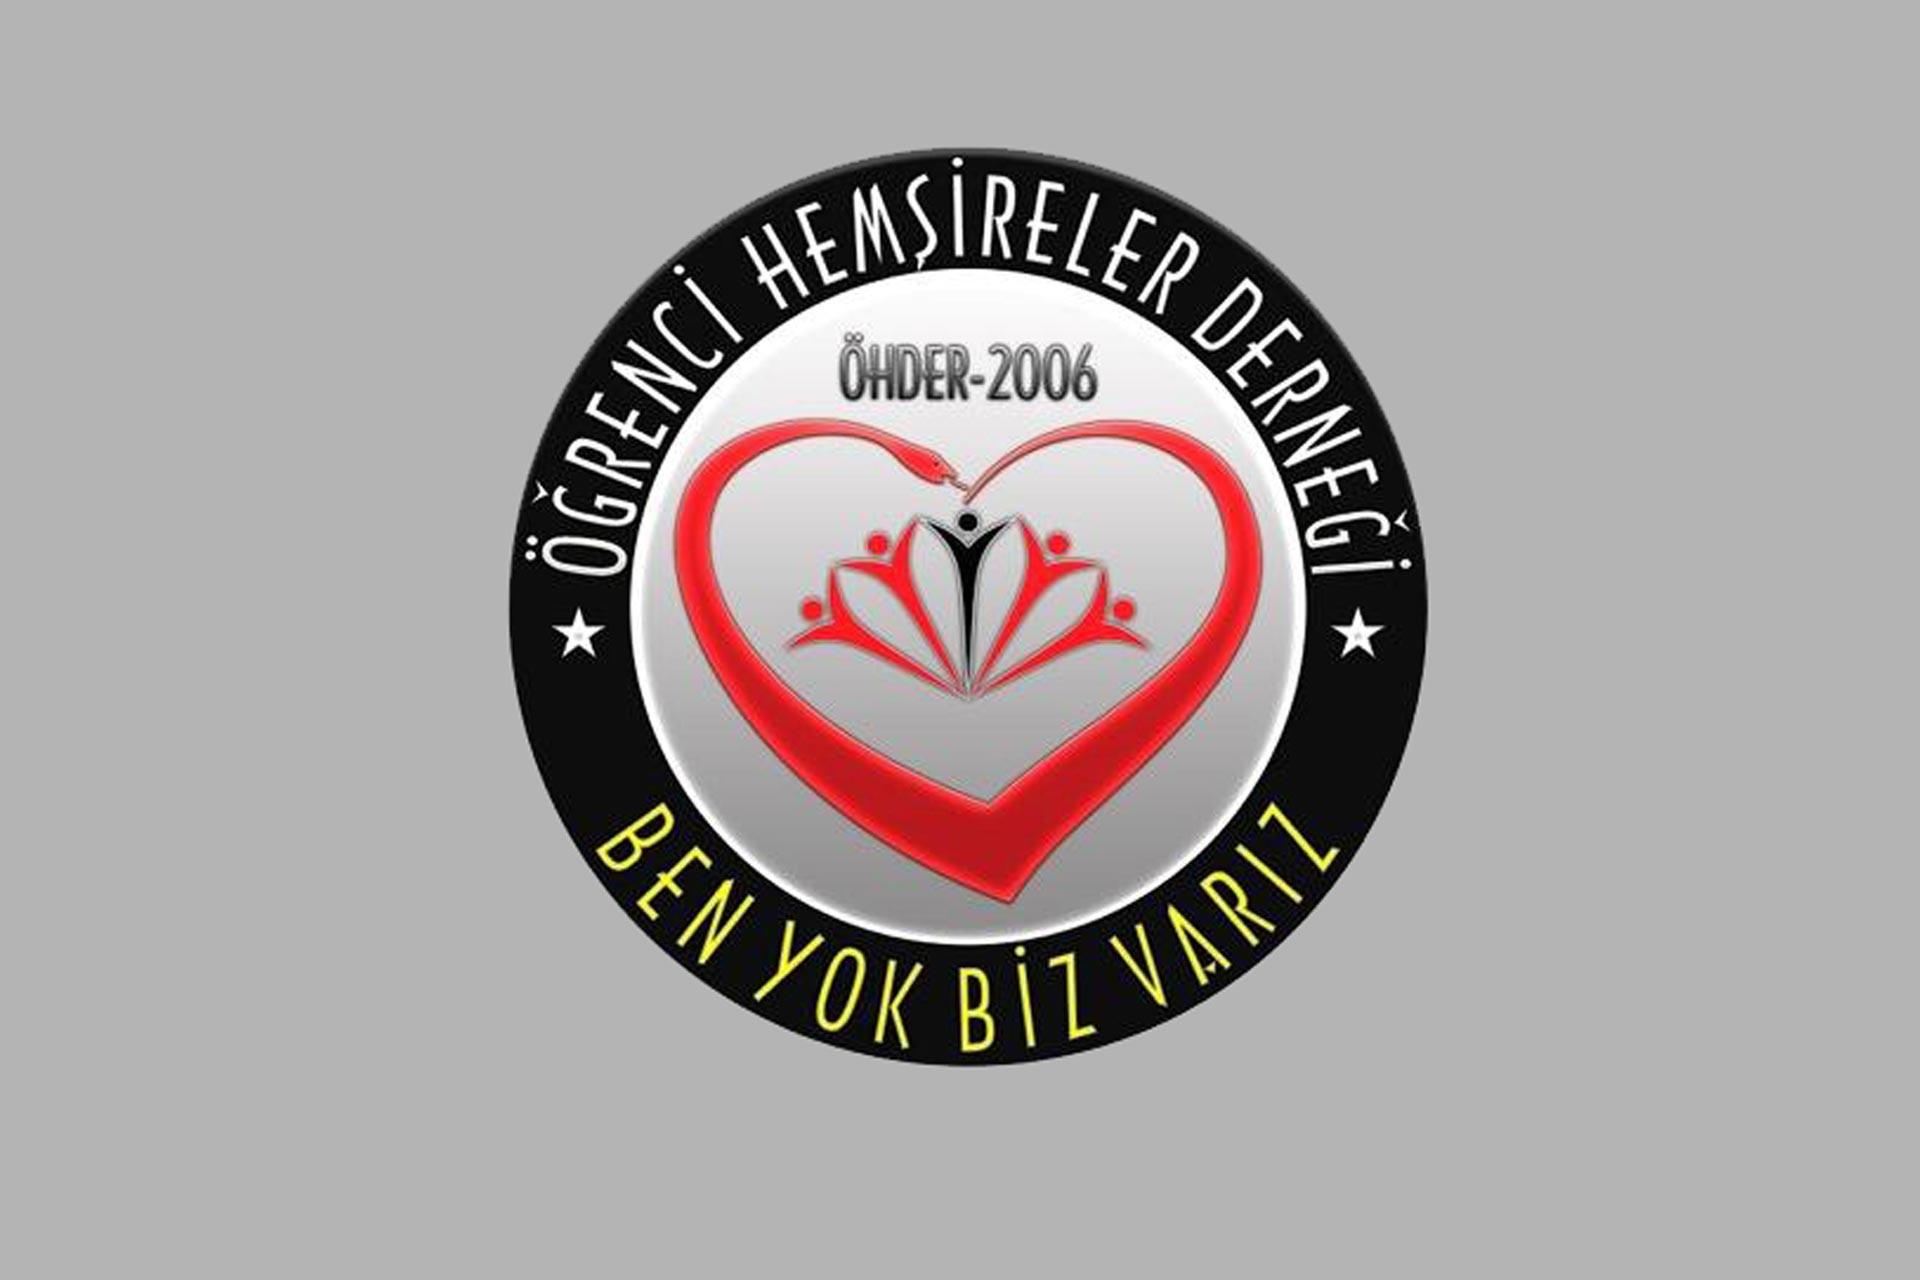 Öğrenci Hemşireler Derneği (ÖHDER) logosu